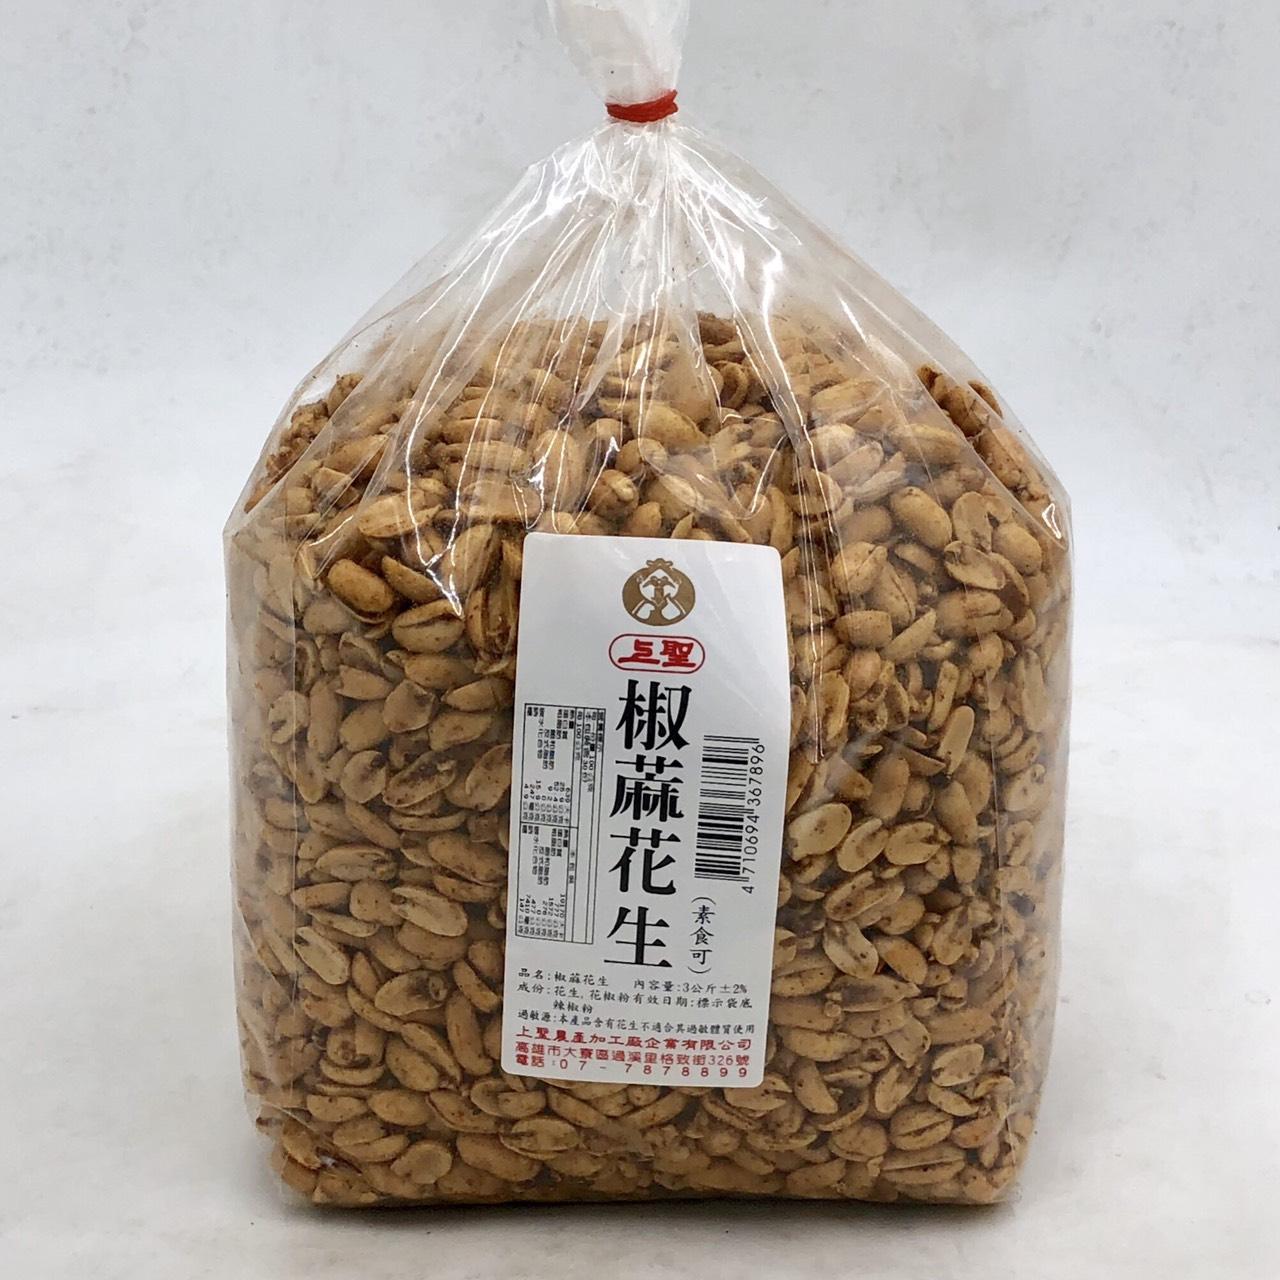 (上聖)椒麻花生300g(全素)